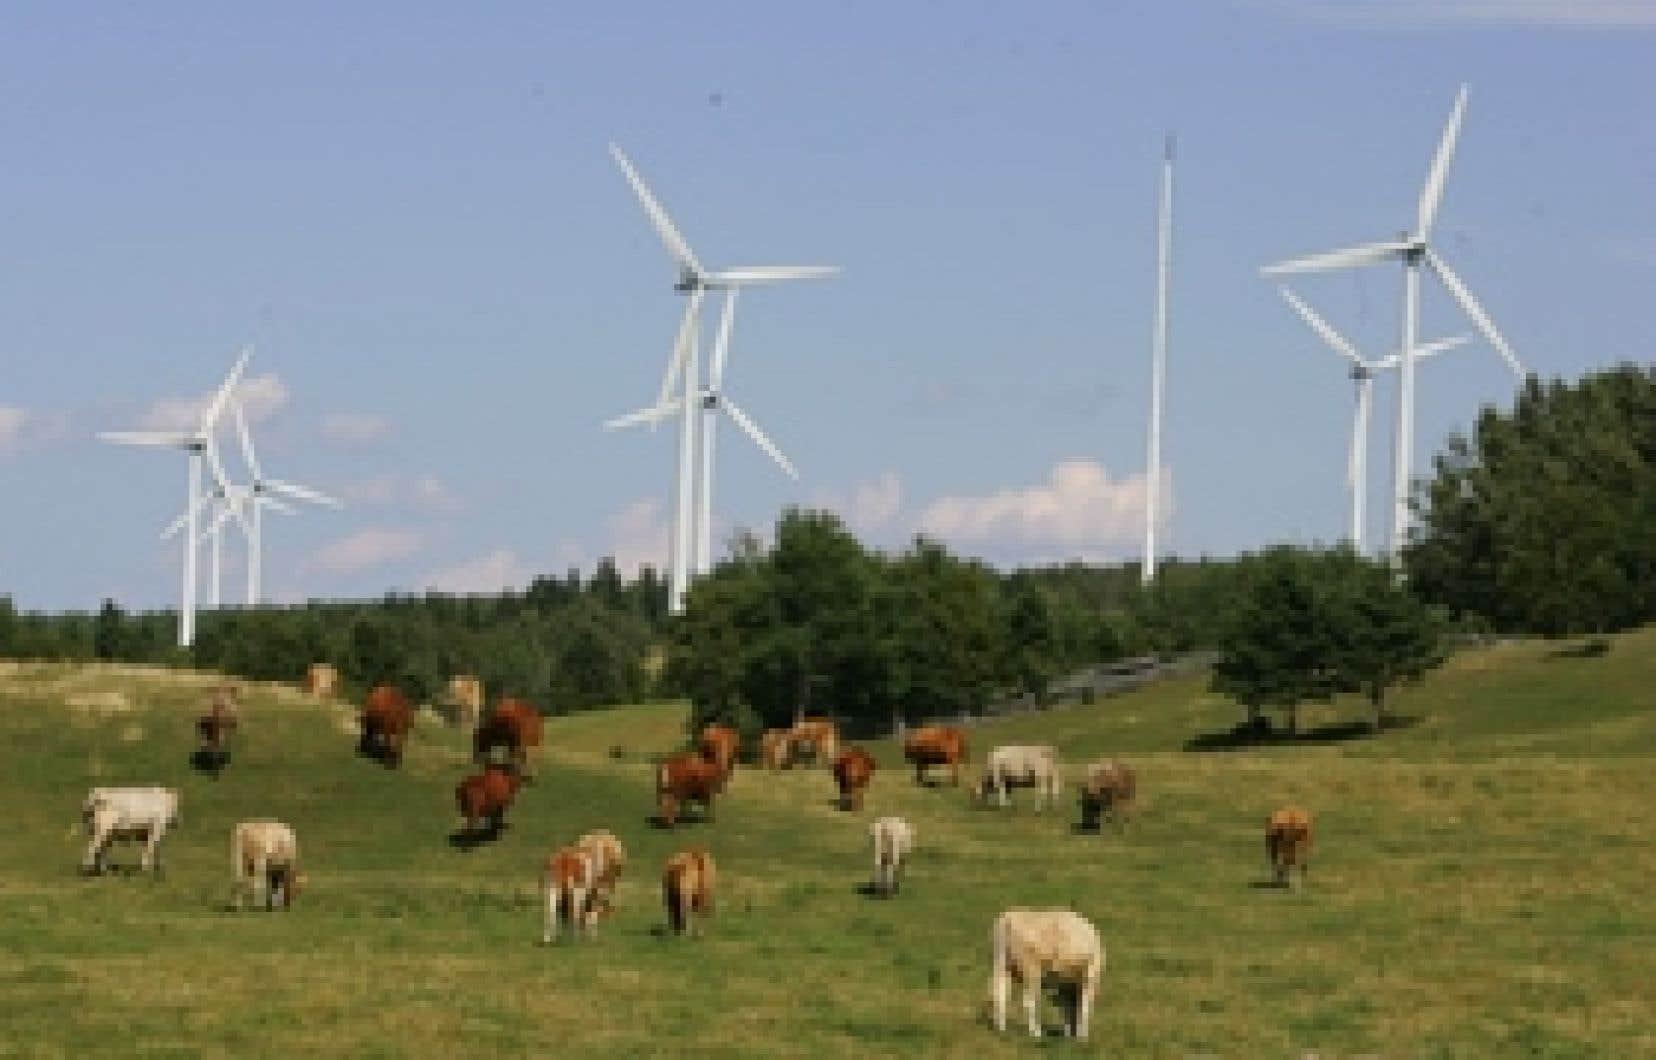 Parmi les risques de l'éolien le plus souvent évoqués, on note les impacts négatifs sur les paysages bucoliques de régions comme la Gaspésie ou le Bas-Saint-Laurent.